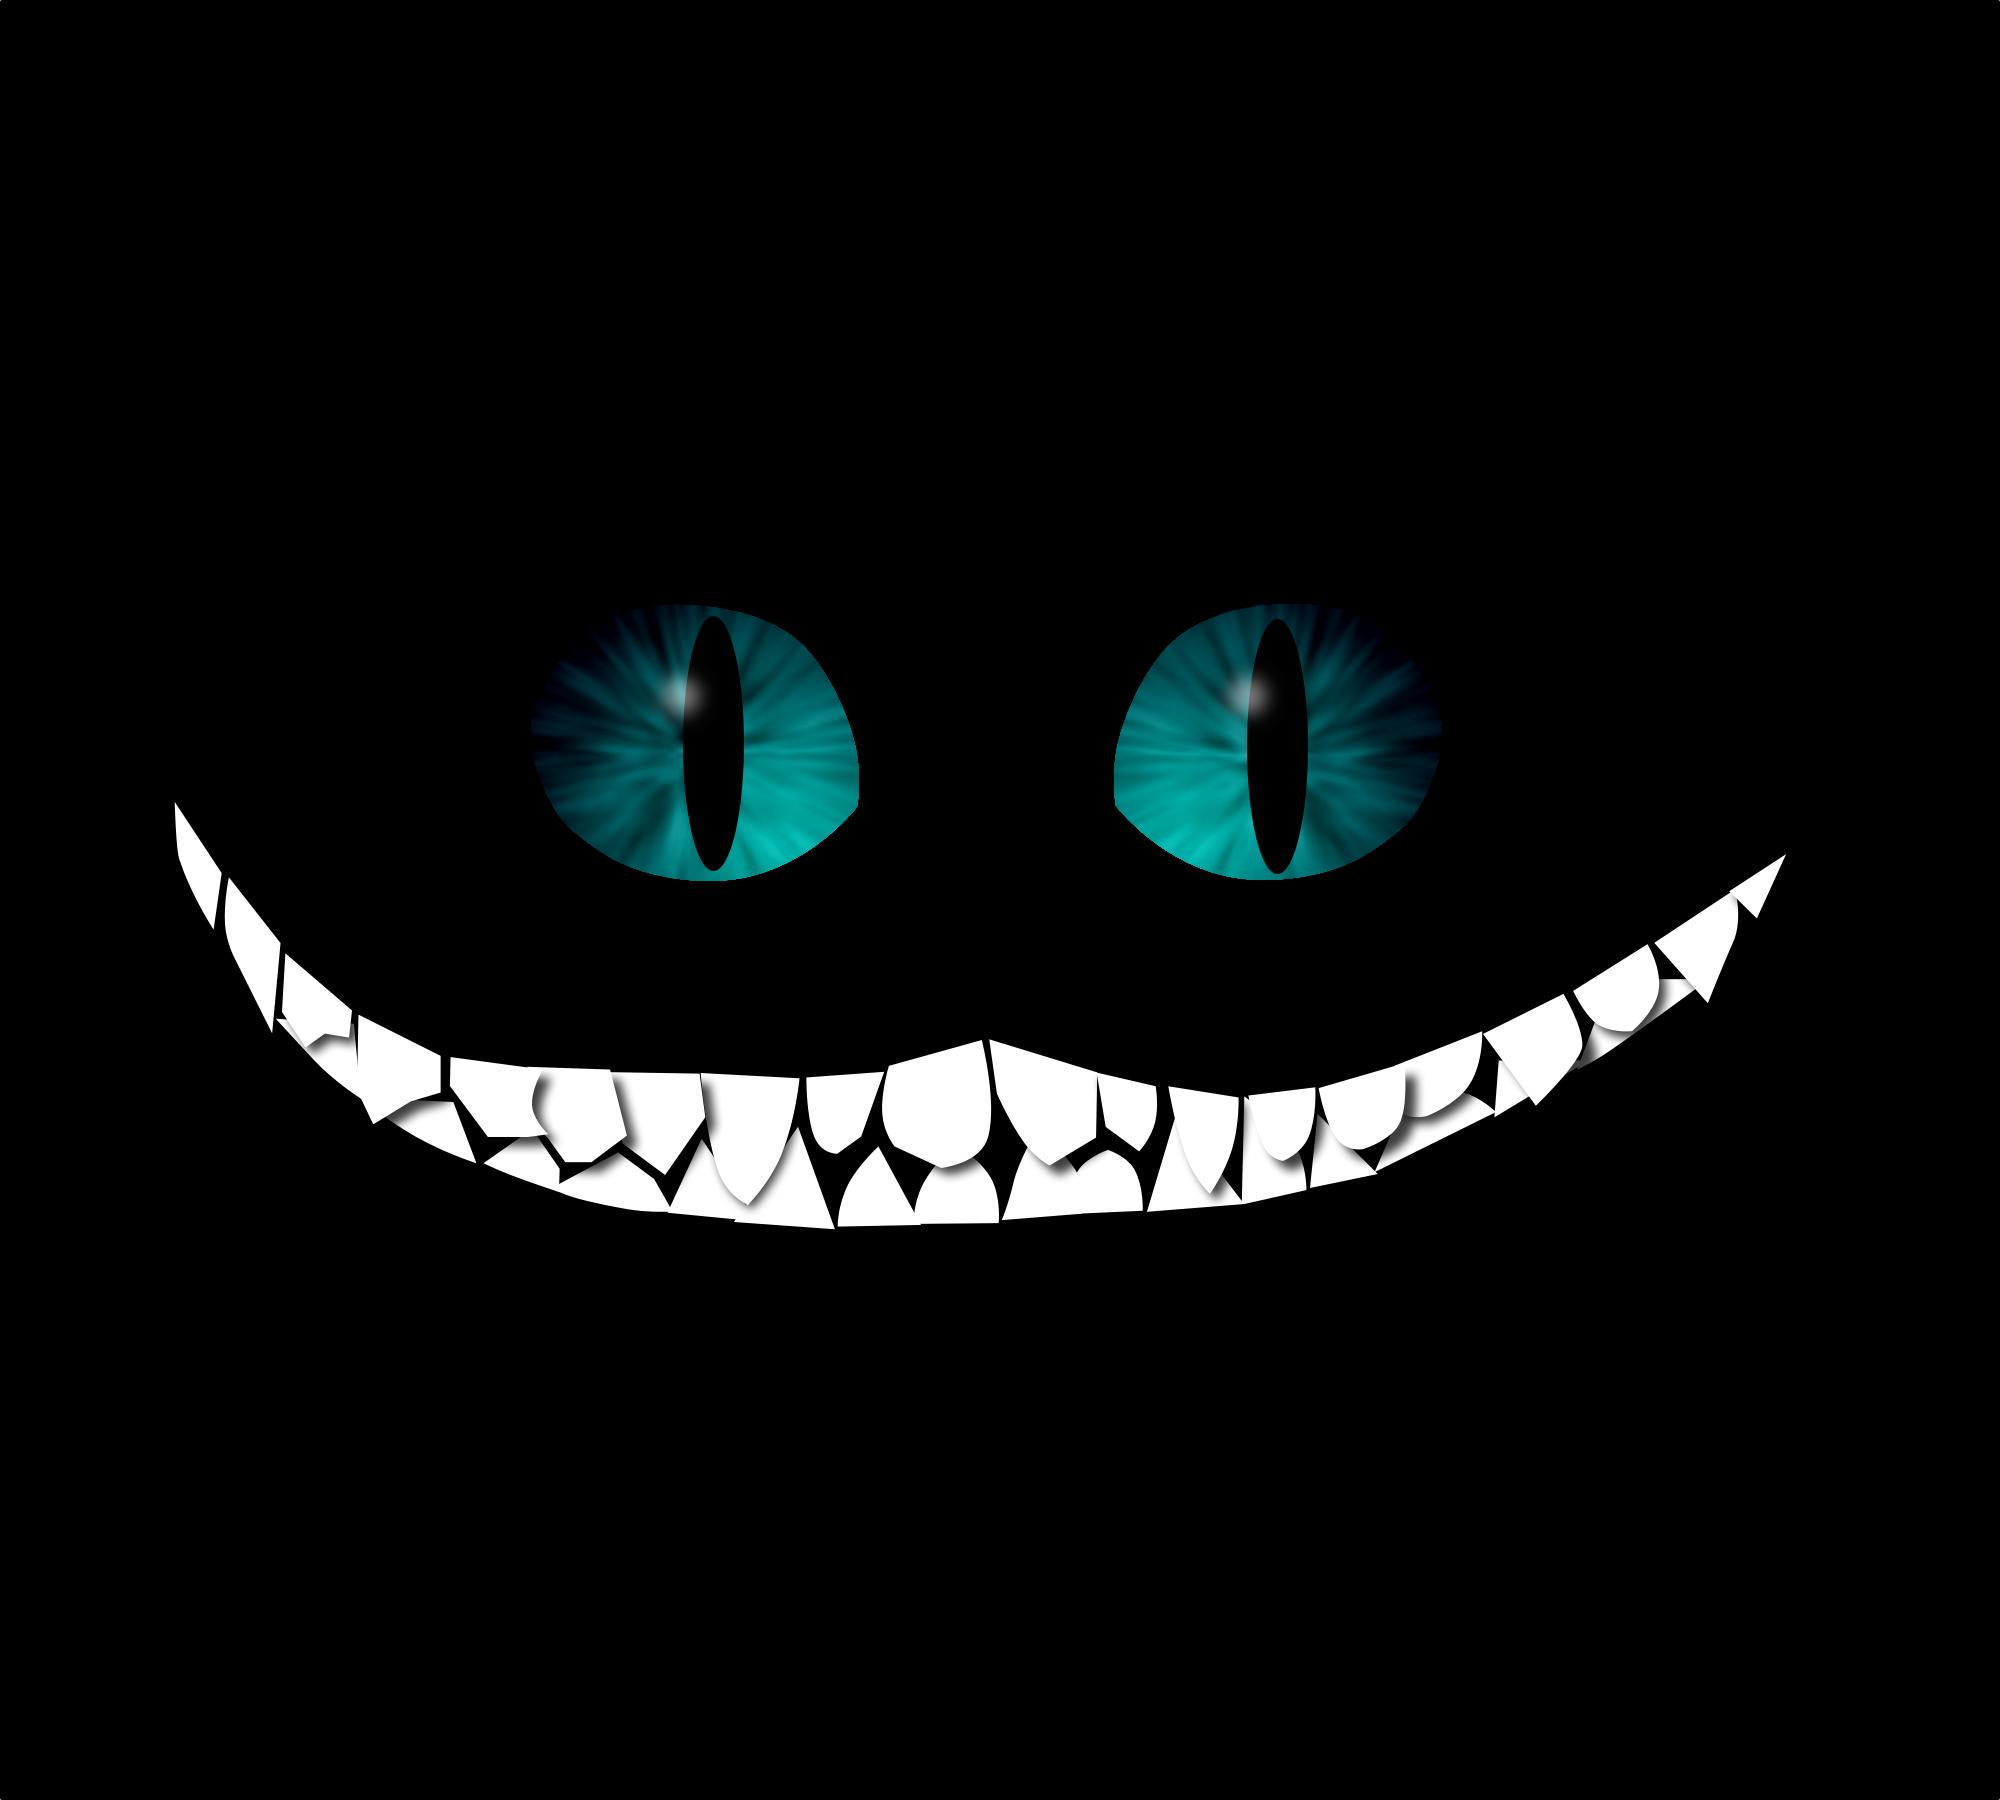 Le chat vagabond on twitter mediapart magnifique for Fond ecran sombre